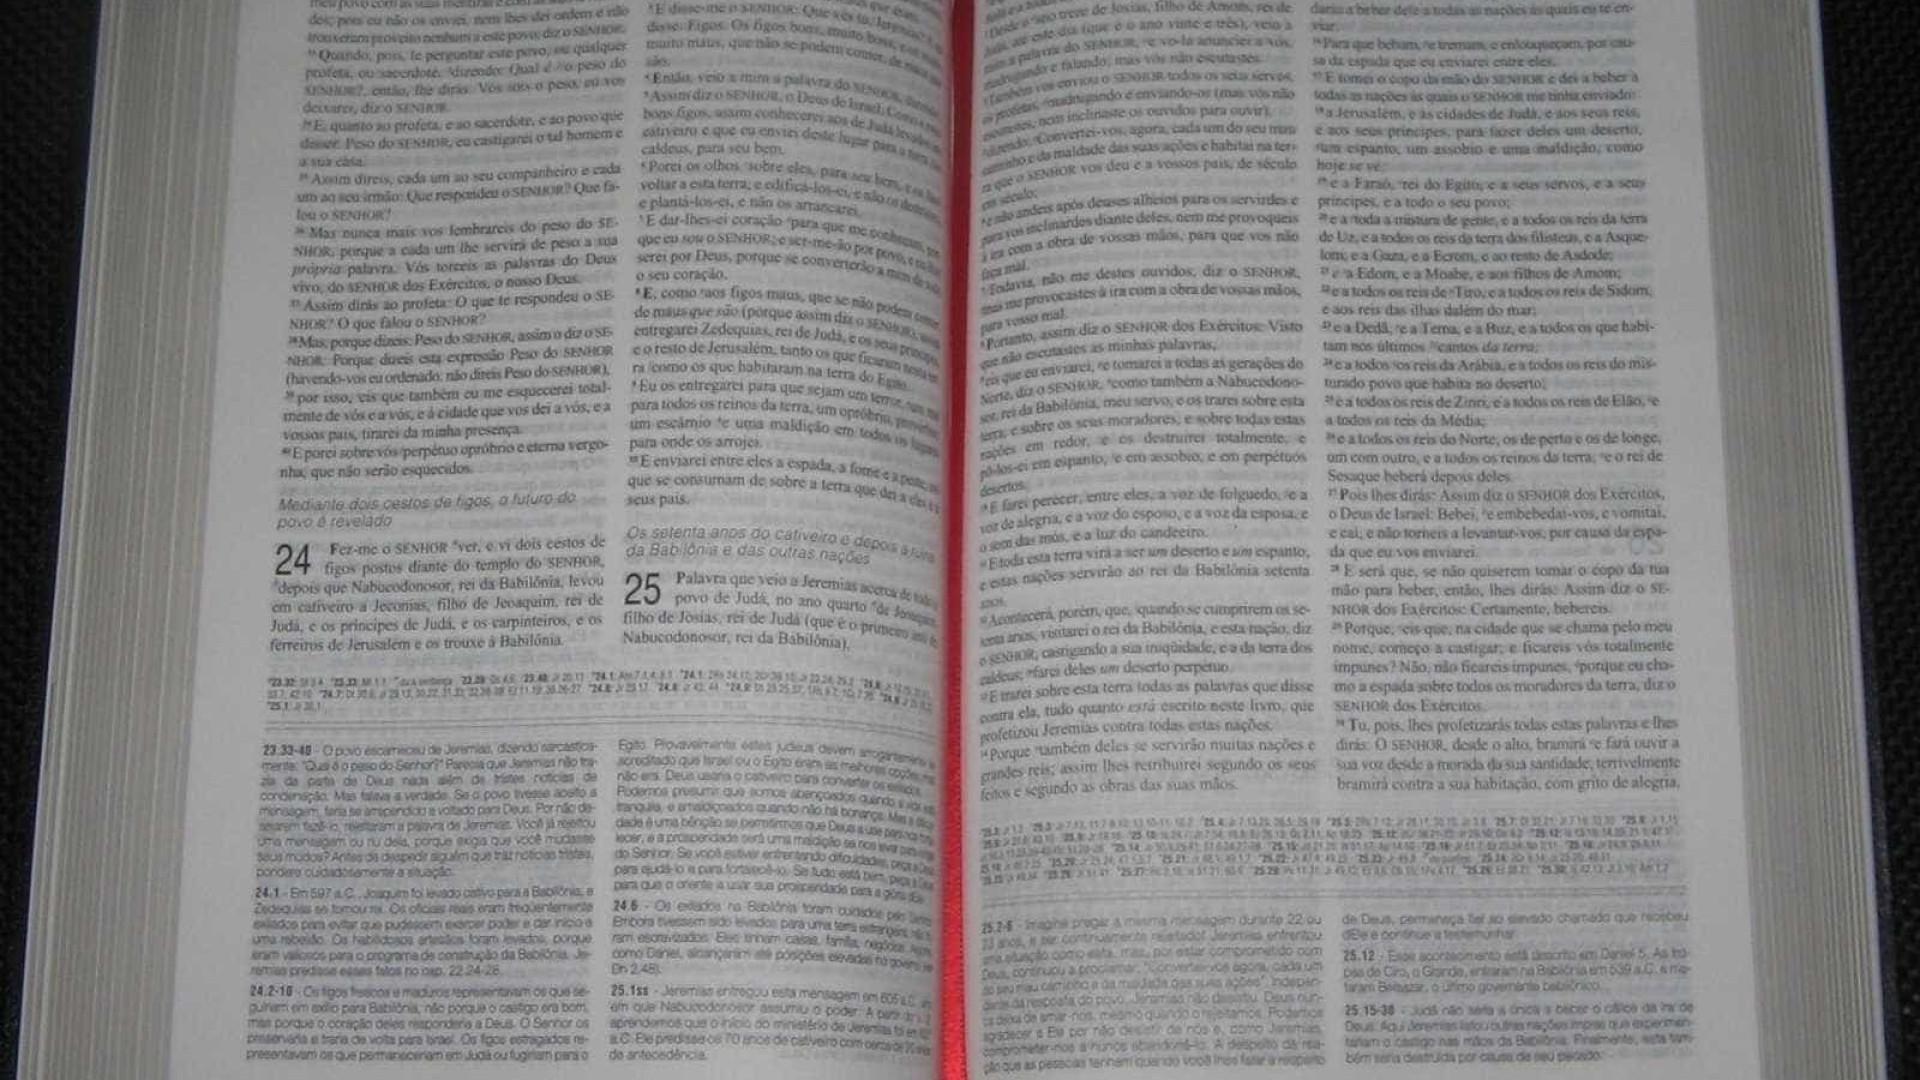 Justiça do Rio proíbe que Bíblia seja incluída como material escolar